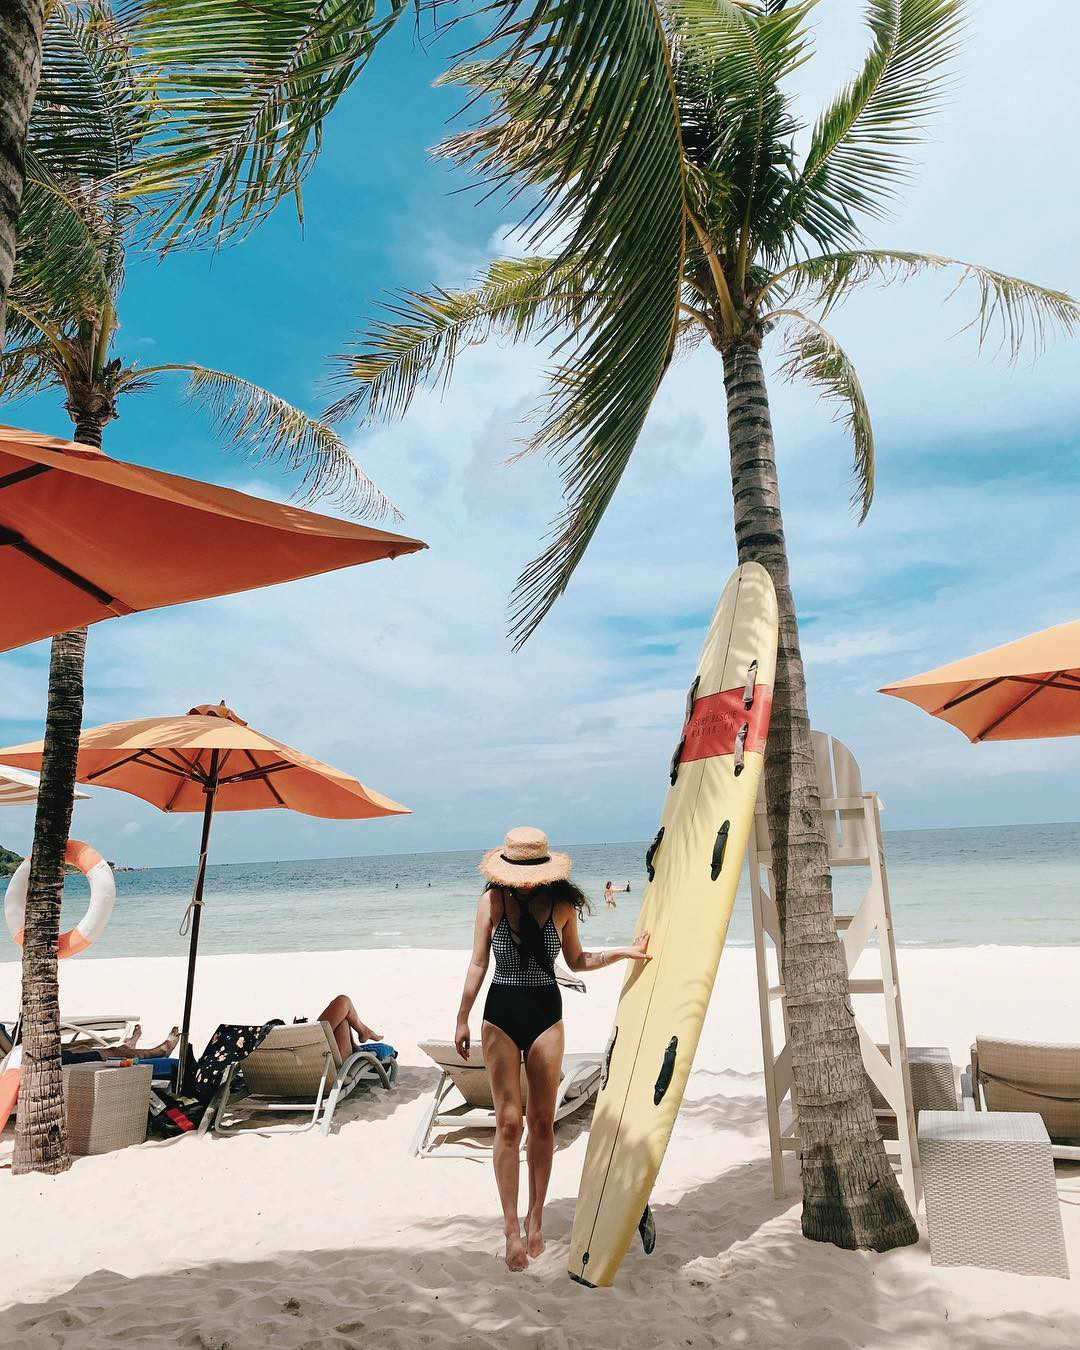 Chào hè rực rỡ tại Premier Residences Phu Quoc Emerald Bay! - Ảnh 2.